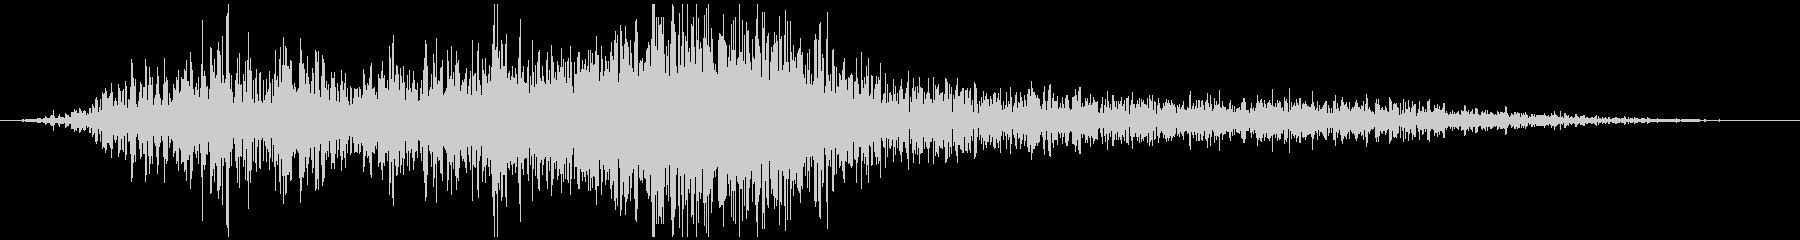 自動車通過音(左から右)の未再生の波形